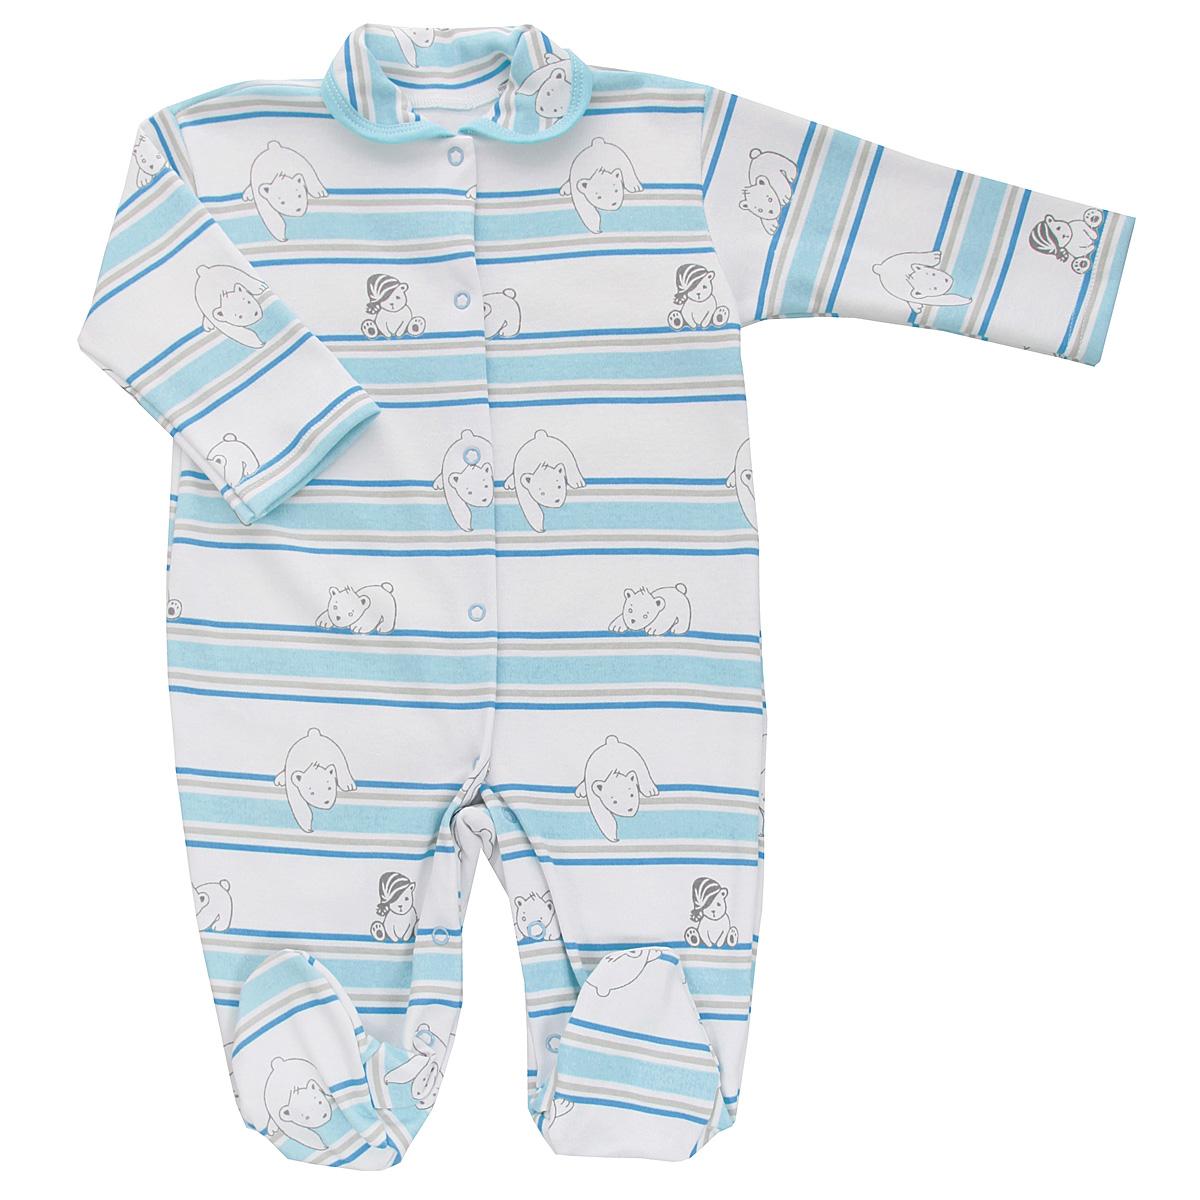 5815_мишка, полоскаДетский комбинезон Трон-Плюс - очень удобный и практичный вид одежды для малышей. Комбинезон выполнен из интерлока - натурального хлопка, благодаря чему он необычайно мягкий и приятный на ощупь, не раздражает нежную кожу ребенка, и хорошо вентилируются, а эластичные швы приятны телу младенца и не препятствуют его движениям. Комбинезон с длинными рукавами, закрытыми ножками и отложным воротничком имеет застежки-кнопки от горловины до щиколоток, которые помогают легко переодеть ребенка или сменить подгузник. Воротник по краю дополнен контрастной бейкой. Оформлено изделие принтом в полоску, а также изображениями медвежат. С детским комбинезоном спинка и ножки вашего крохи всегда будут в тепле, он идеален для использования днем и незаменим ночью. Комбинезон полностью соответствует особенностям жизни младенца в ранний период, не стесняя и не ограничивая его в движениях!